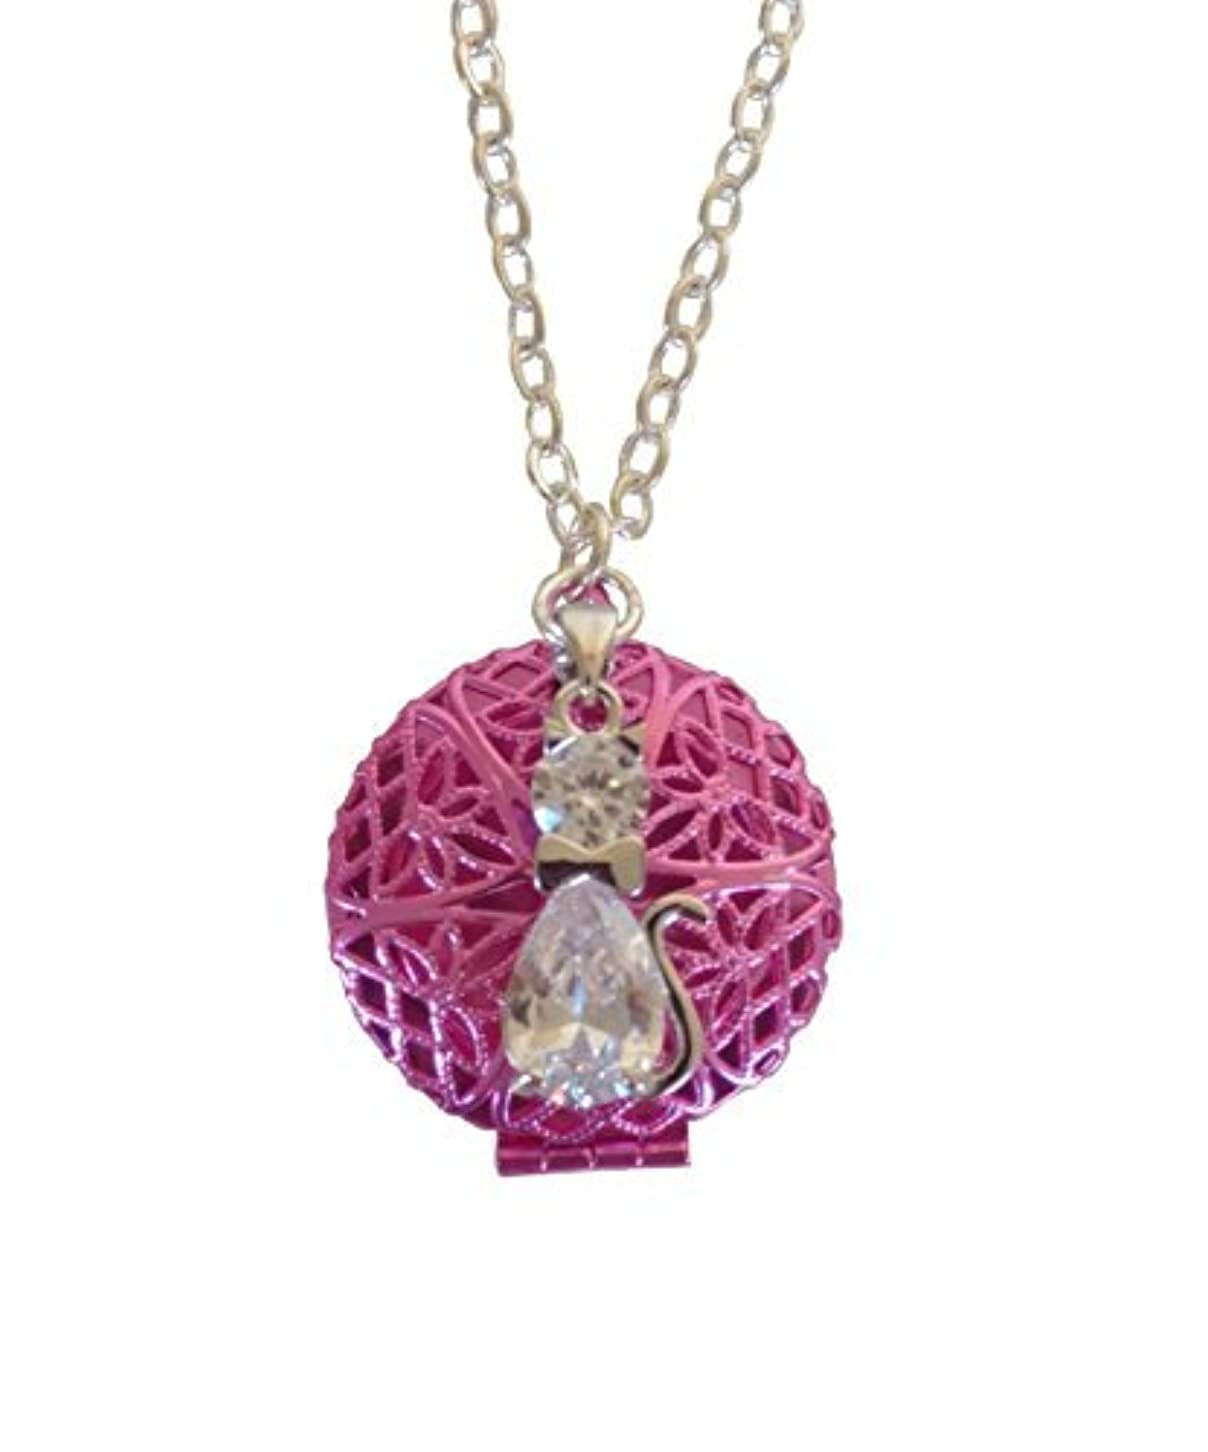 年次ルビー広大なPink Tuxedo Cat Girl's Aromatherapy Necklace Essential Oil Diffuser Locket Pendant Jewelry for Children w/reusable...